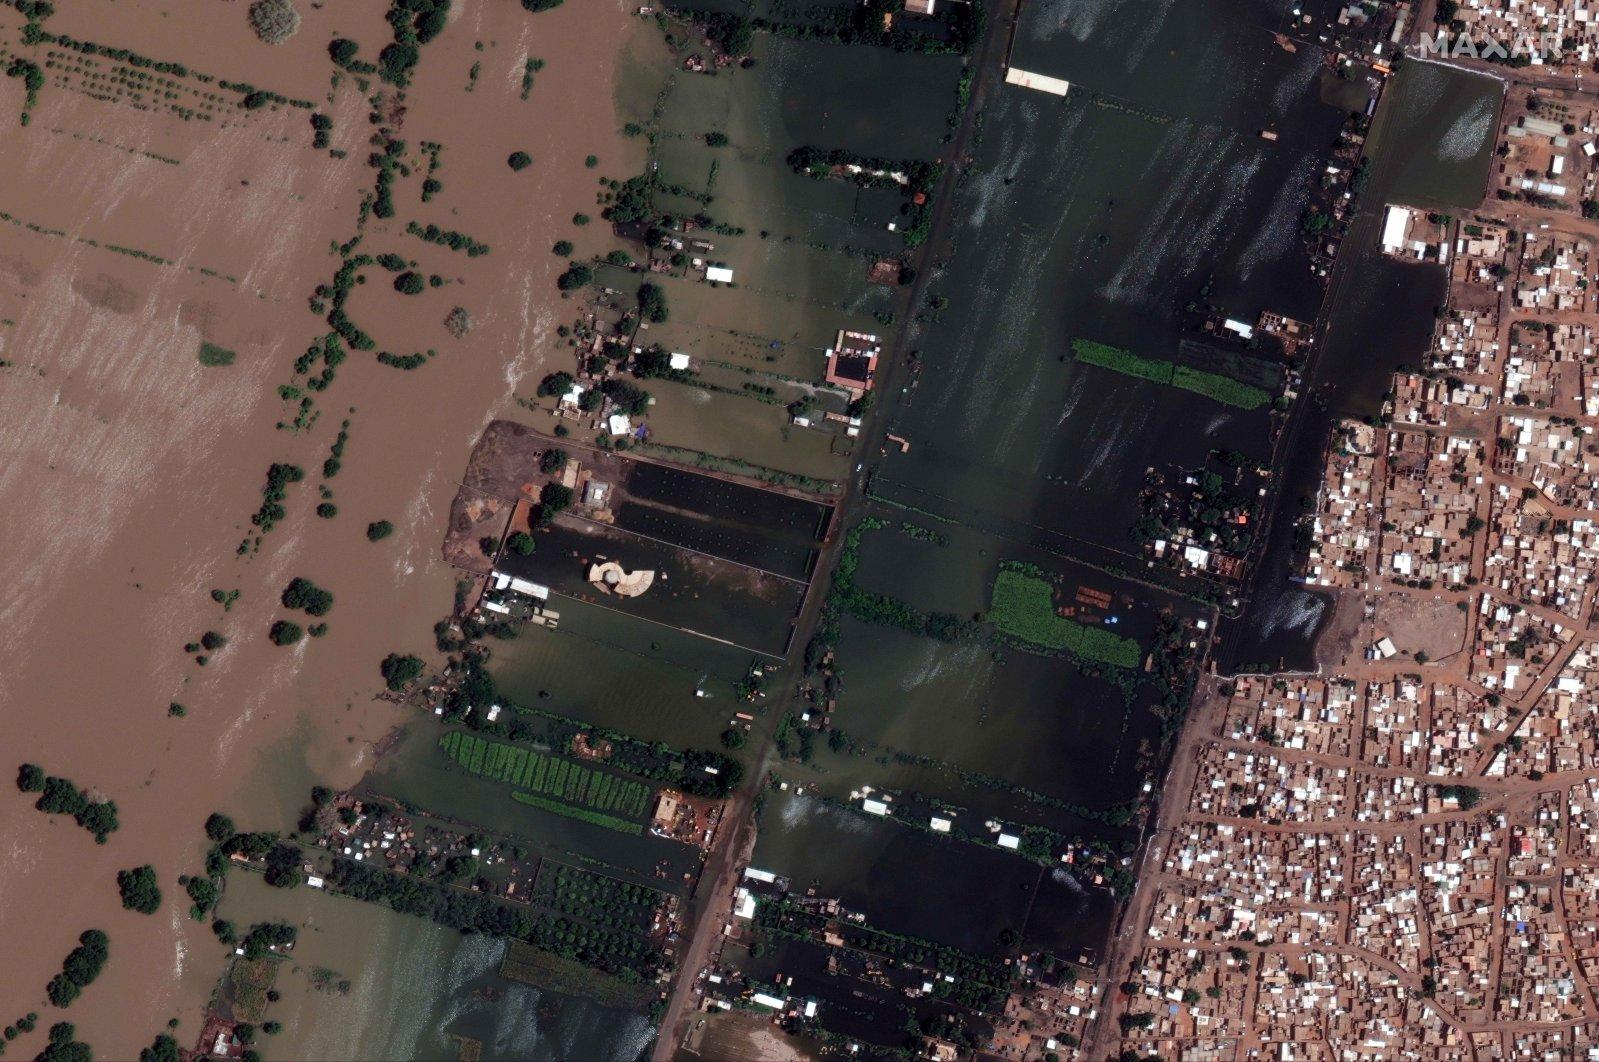 A satellite image shows Halfie Elmouluk as heavy floods sweep through Khartoum, Sudan, Sept. 5, 2020. (REUTERS Photo)